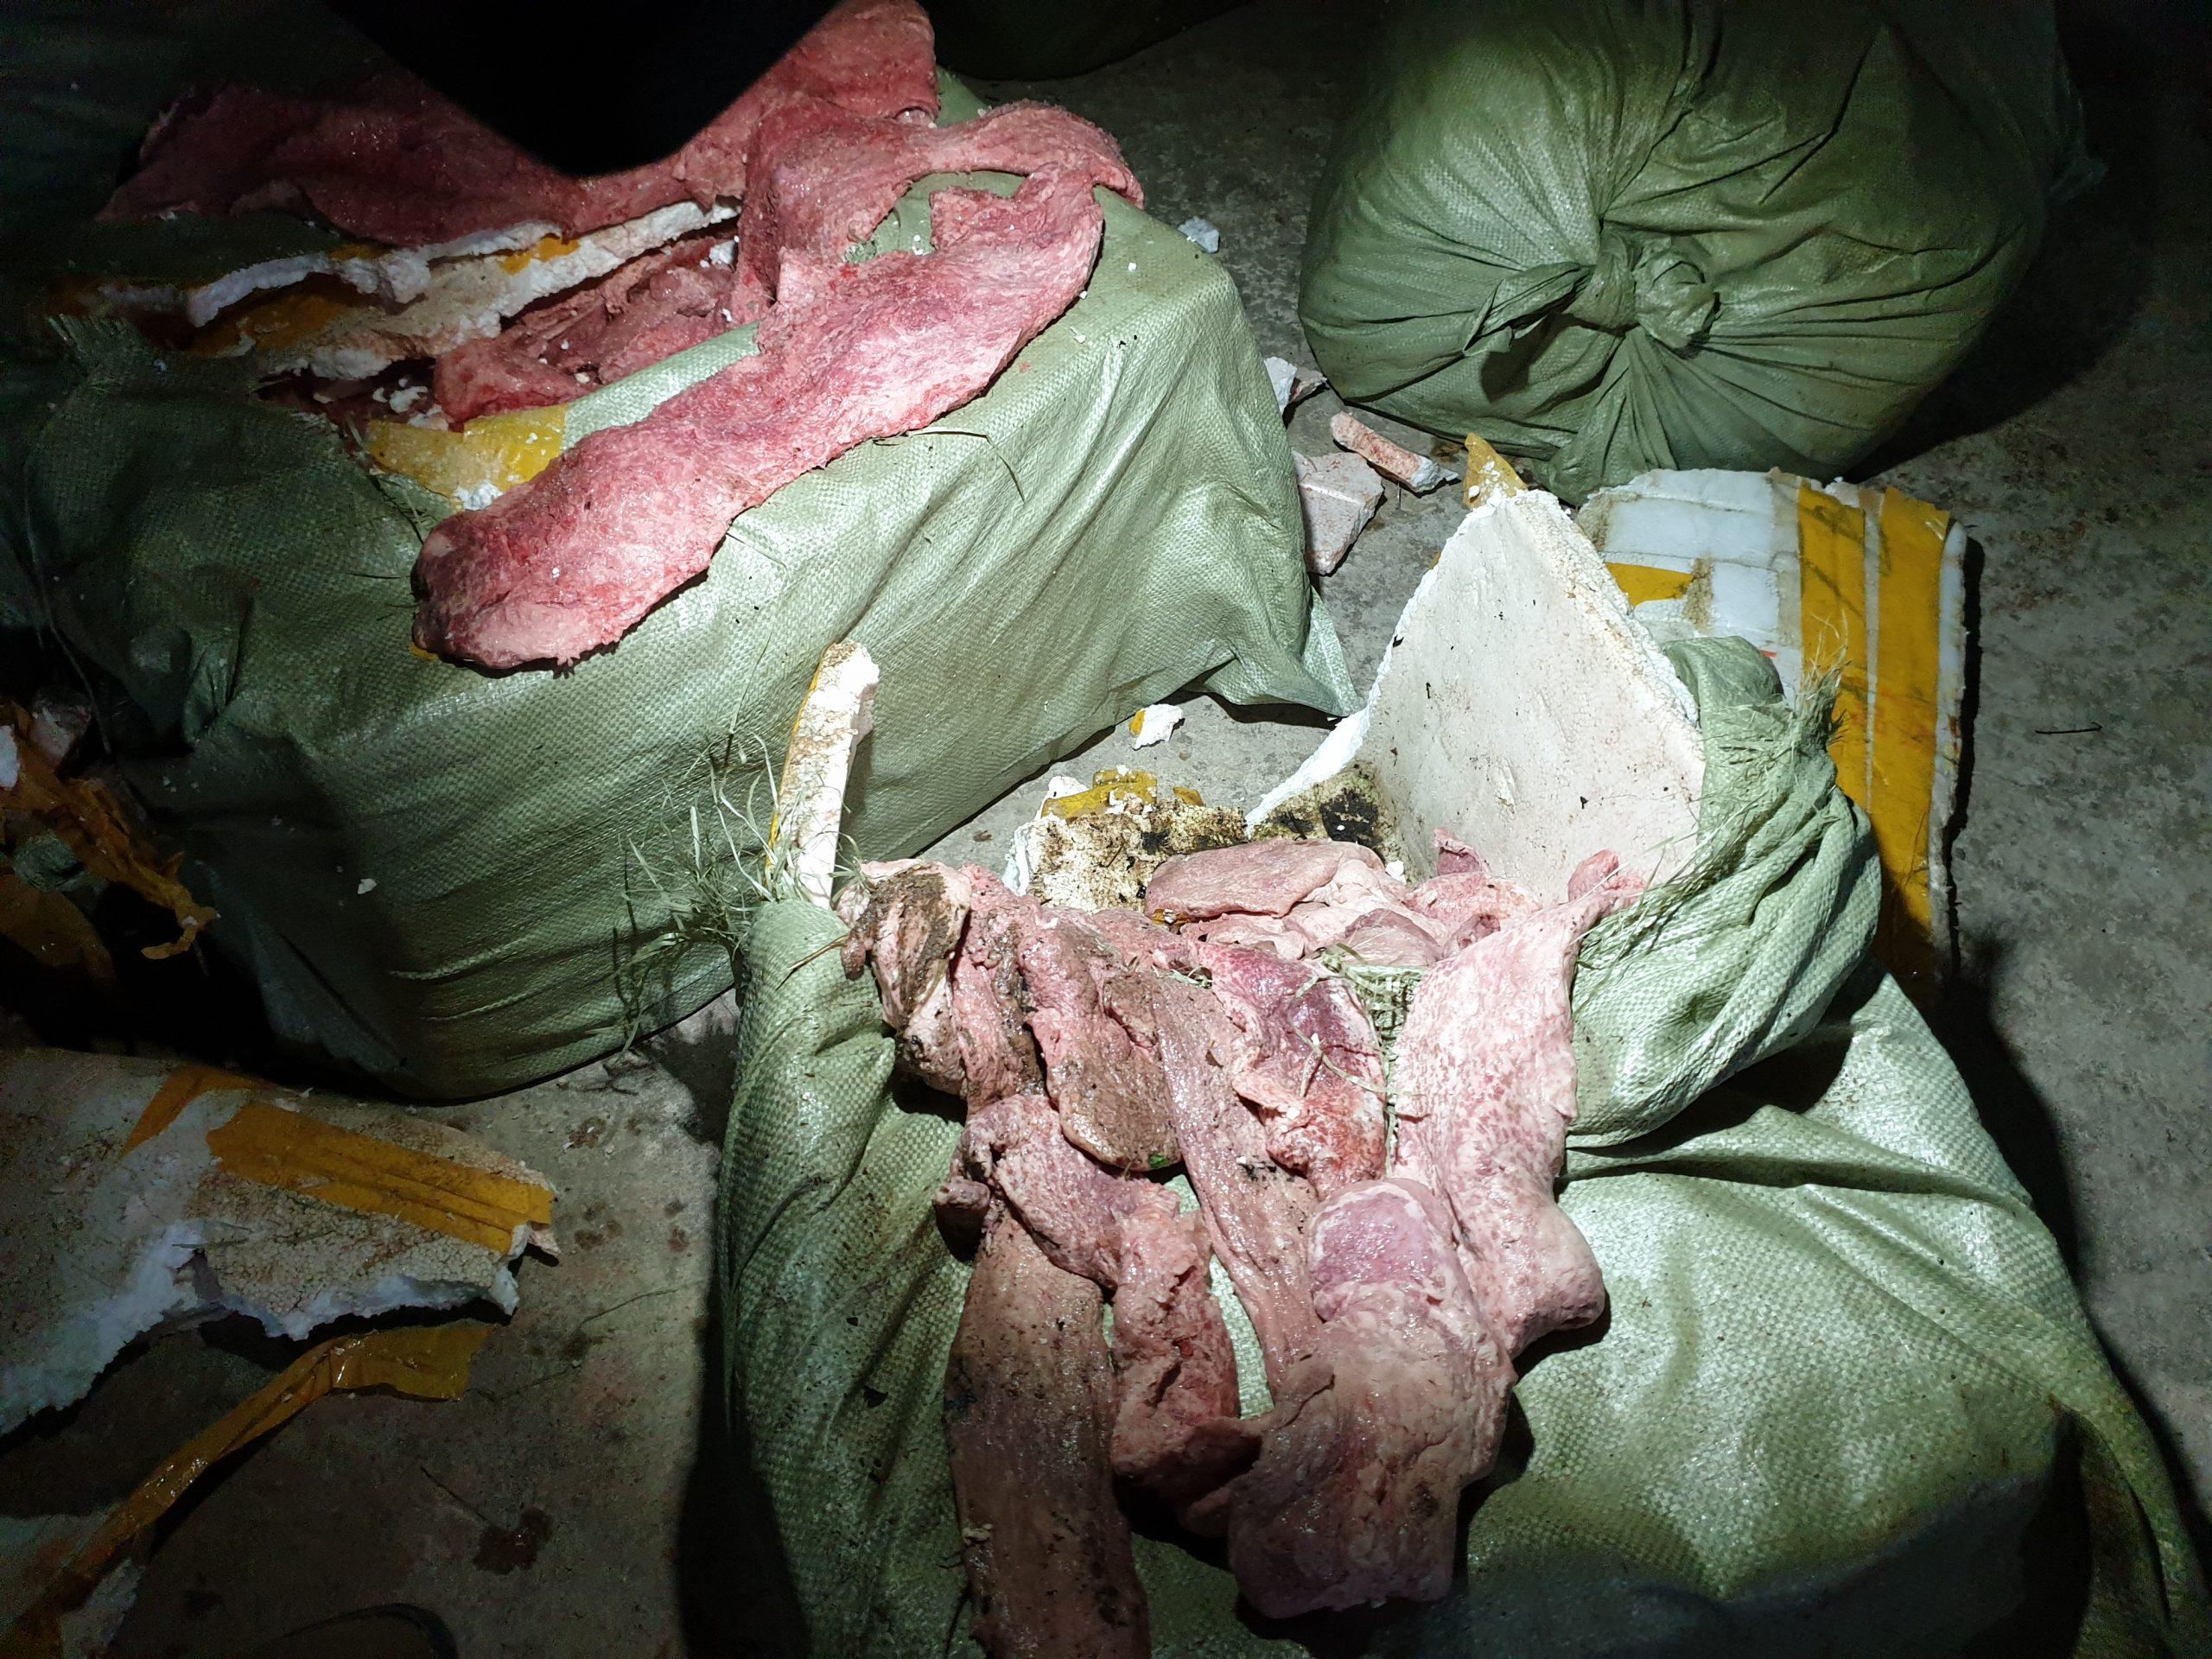 Lạng Sơn bắt giữ 400kg nầm lợn đã bốc mùi hôi thối, không đảm bảo vệ sinh thú y (21/1/2020)